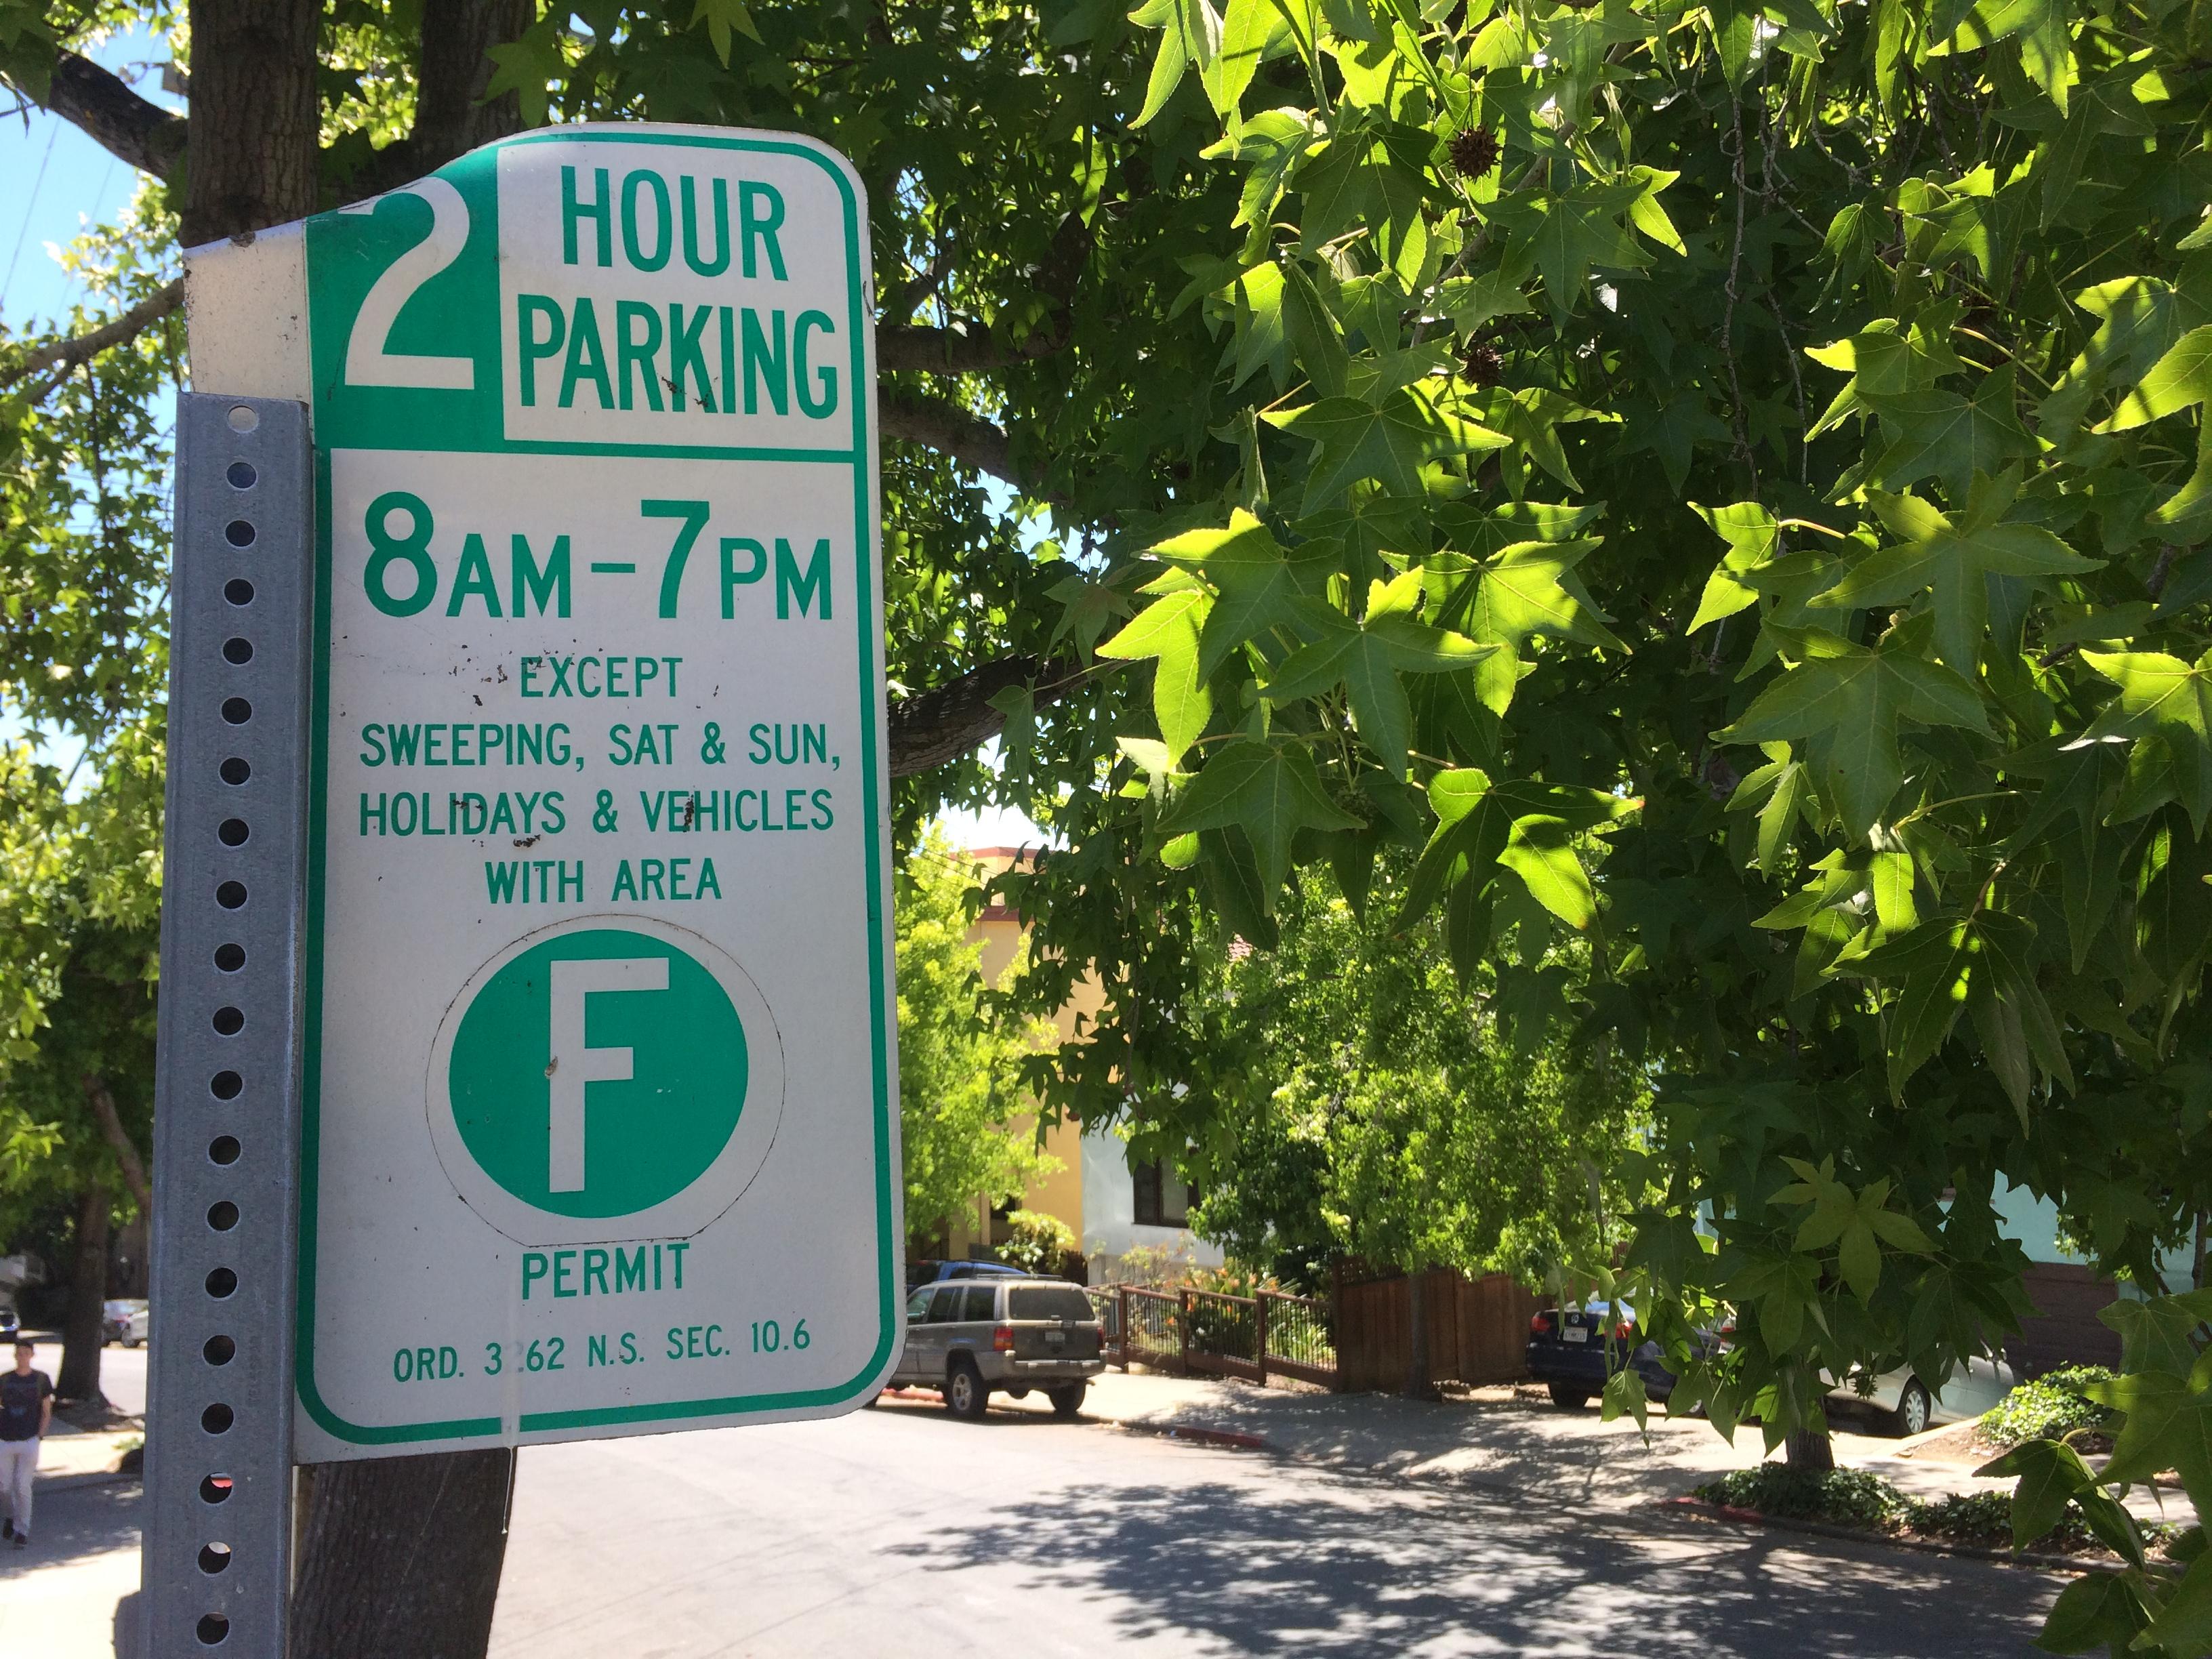 Berkeley parking sign in trees.